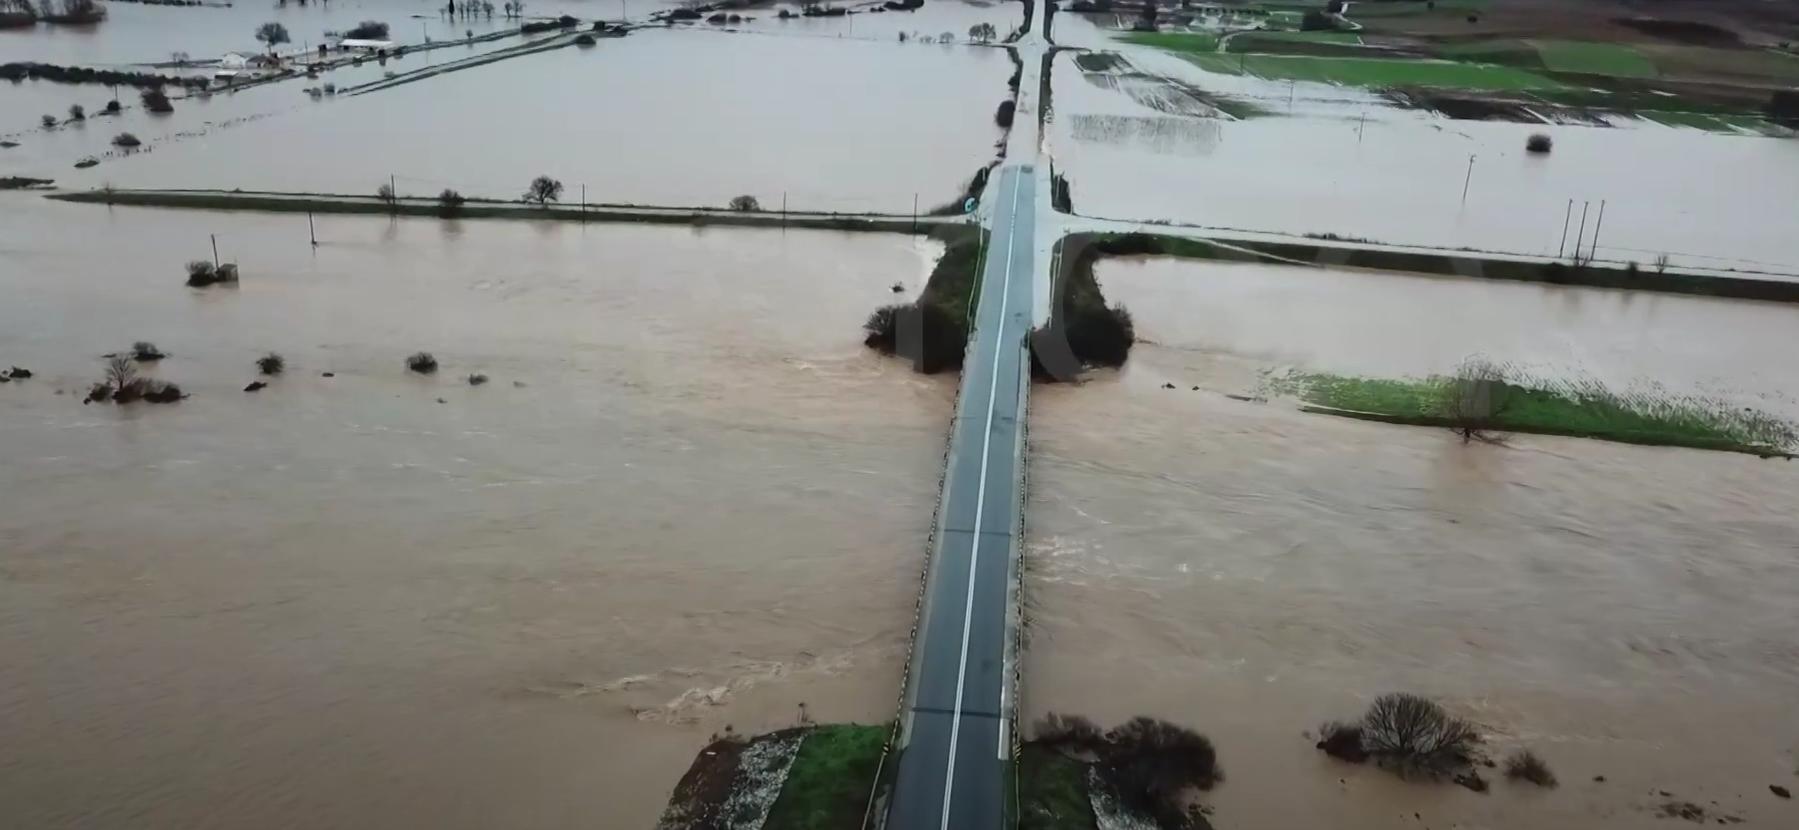 Το νερό που έπεσε στη Θράκη είναι μόνο η αρχή – Έρχεται μεγαλύτερη κακοκαιρία